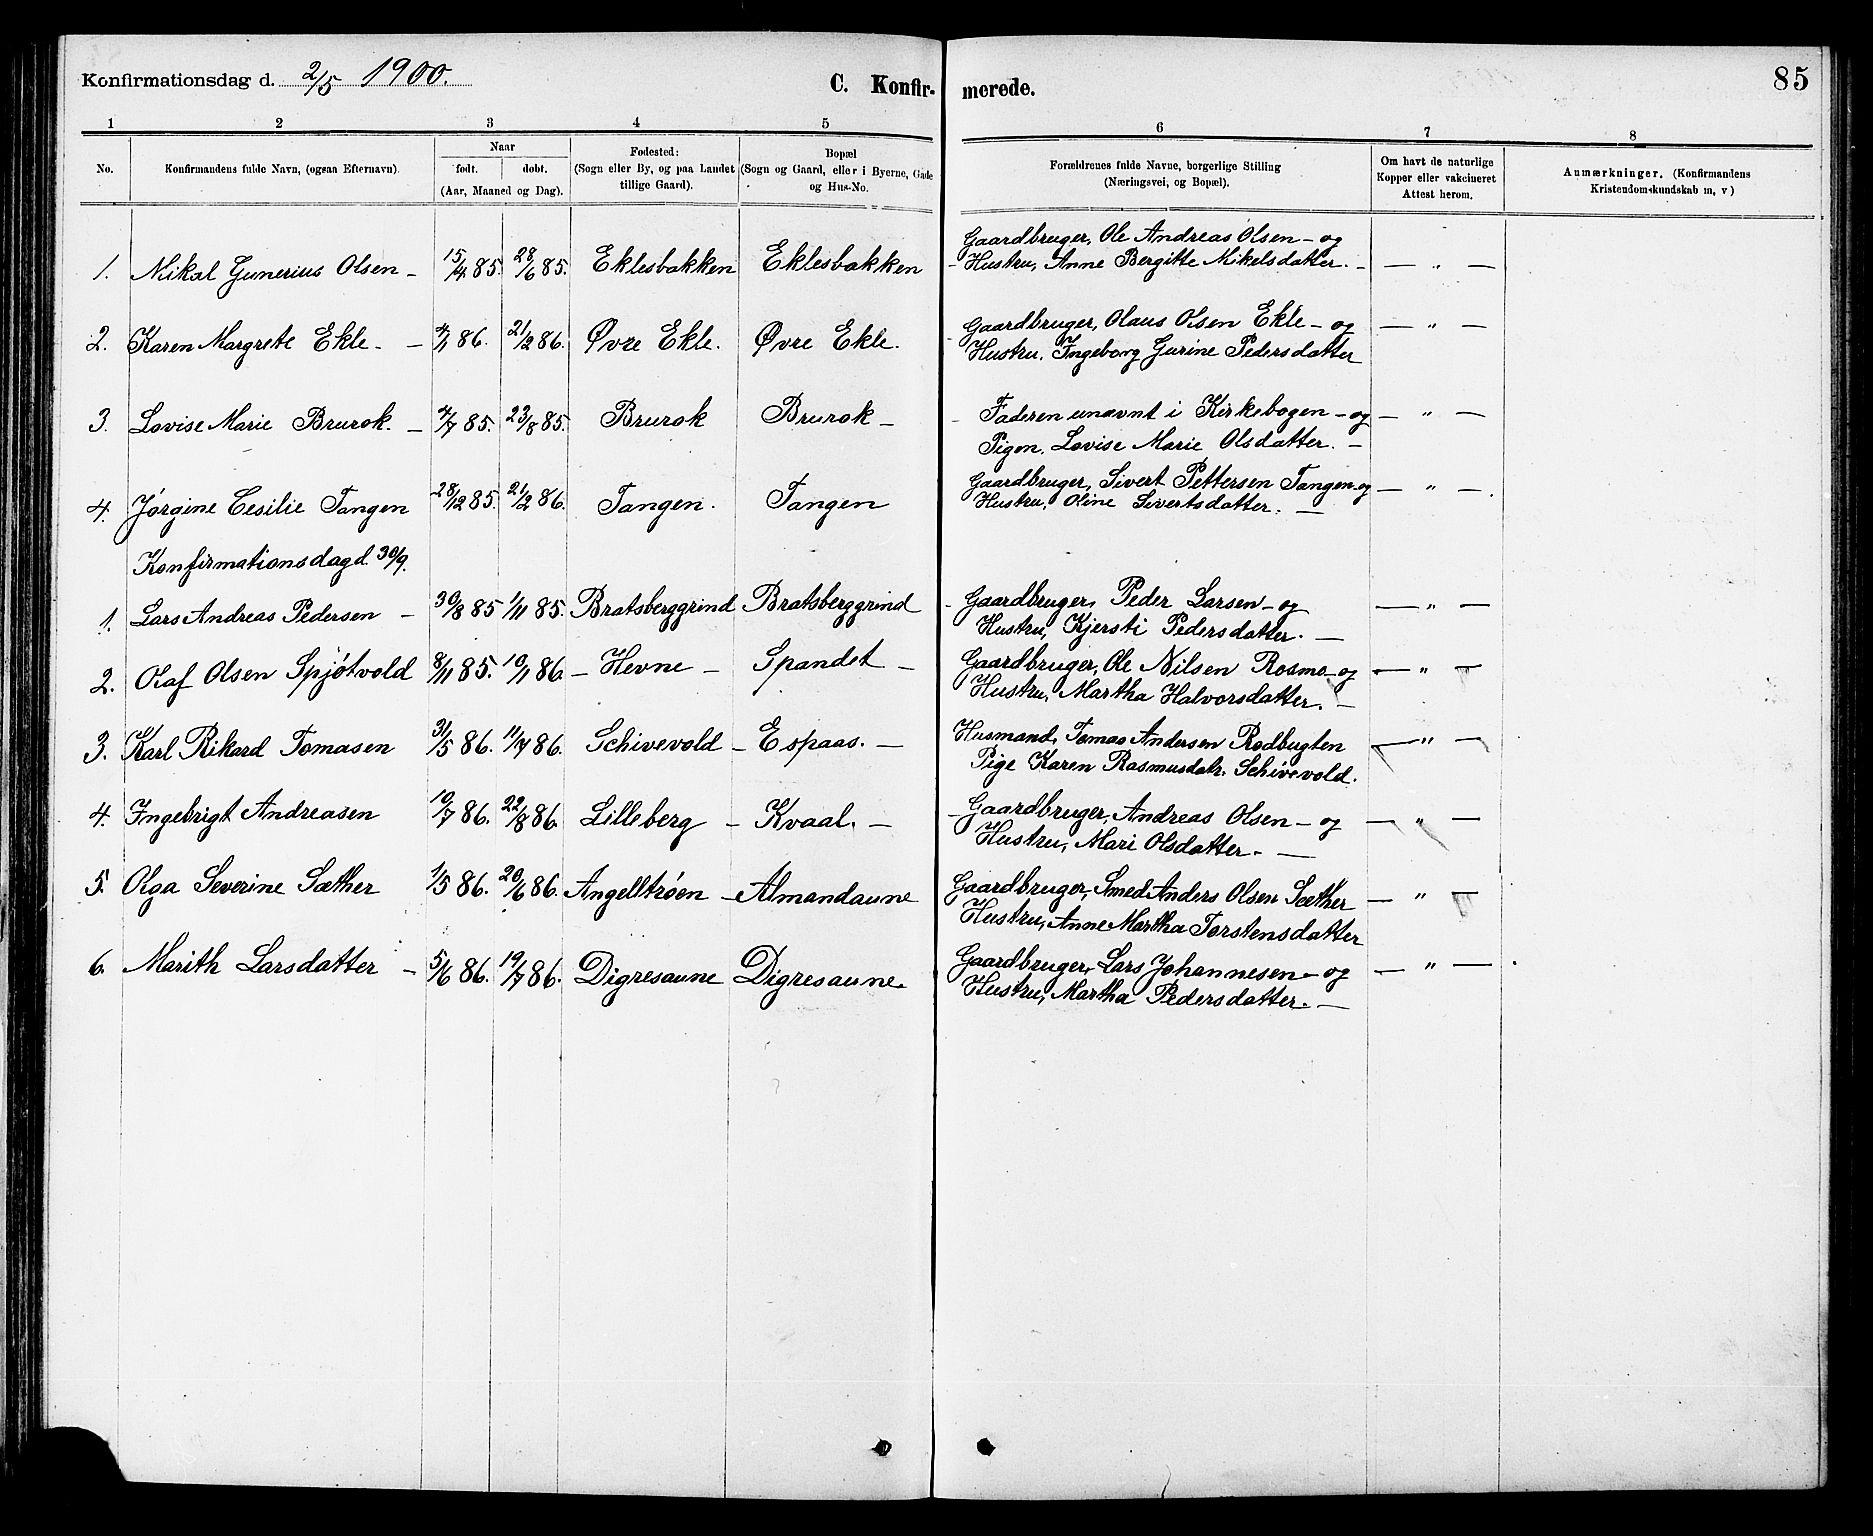 SAT, Ministerialprotokoller, klokkerbøker og fødselsregistre - Sør-Trøndelag, 608/L0341: Klokkerbok nr. 608C07, 1890-1912, s. 85